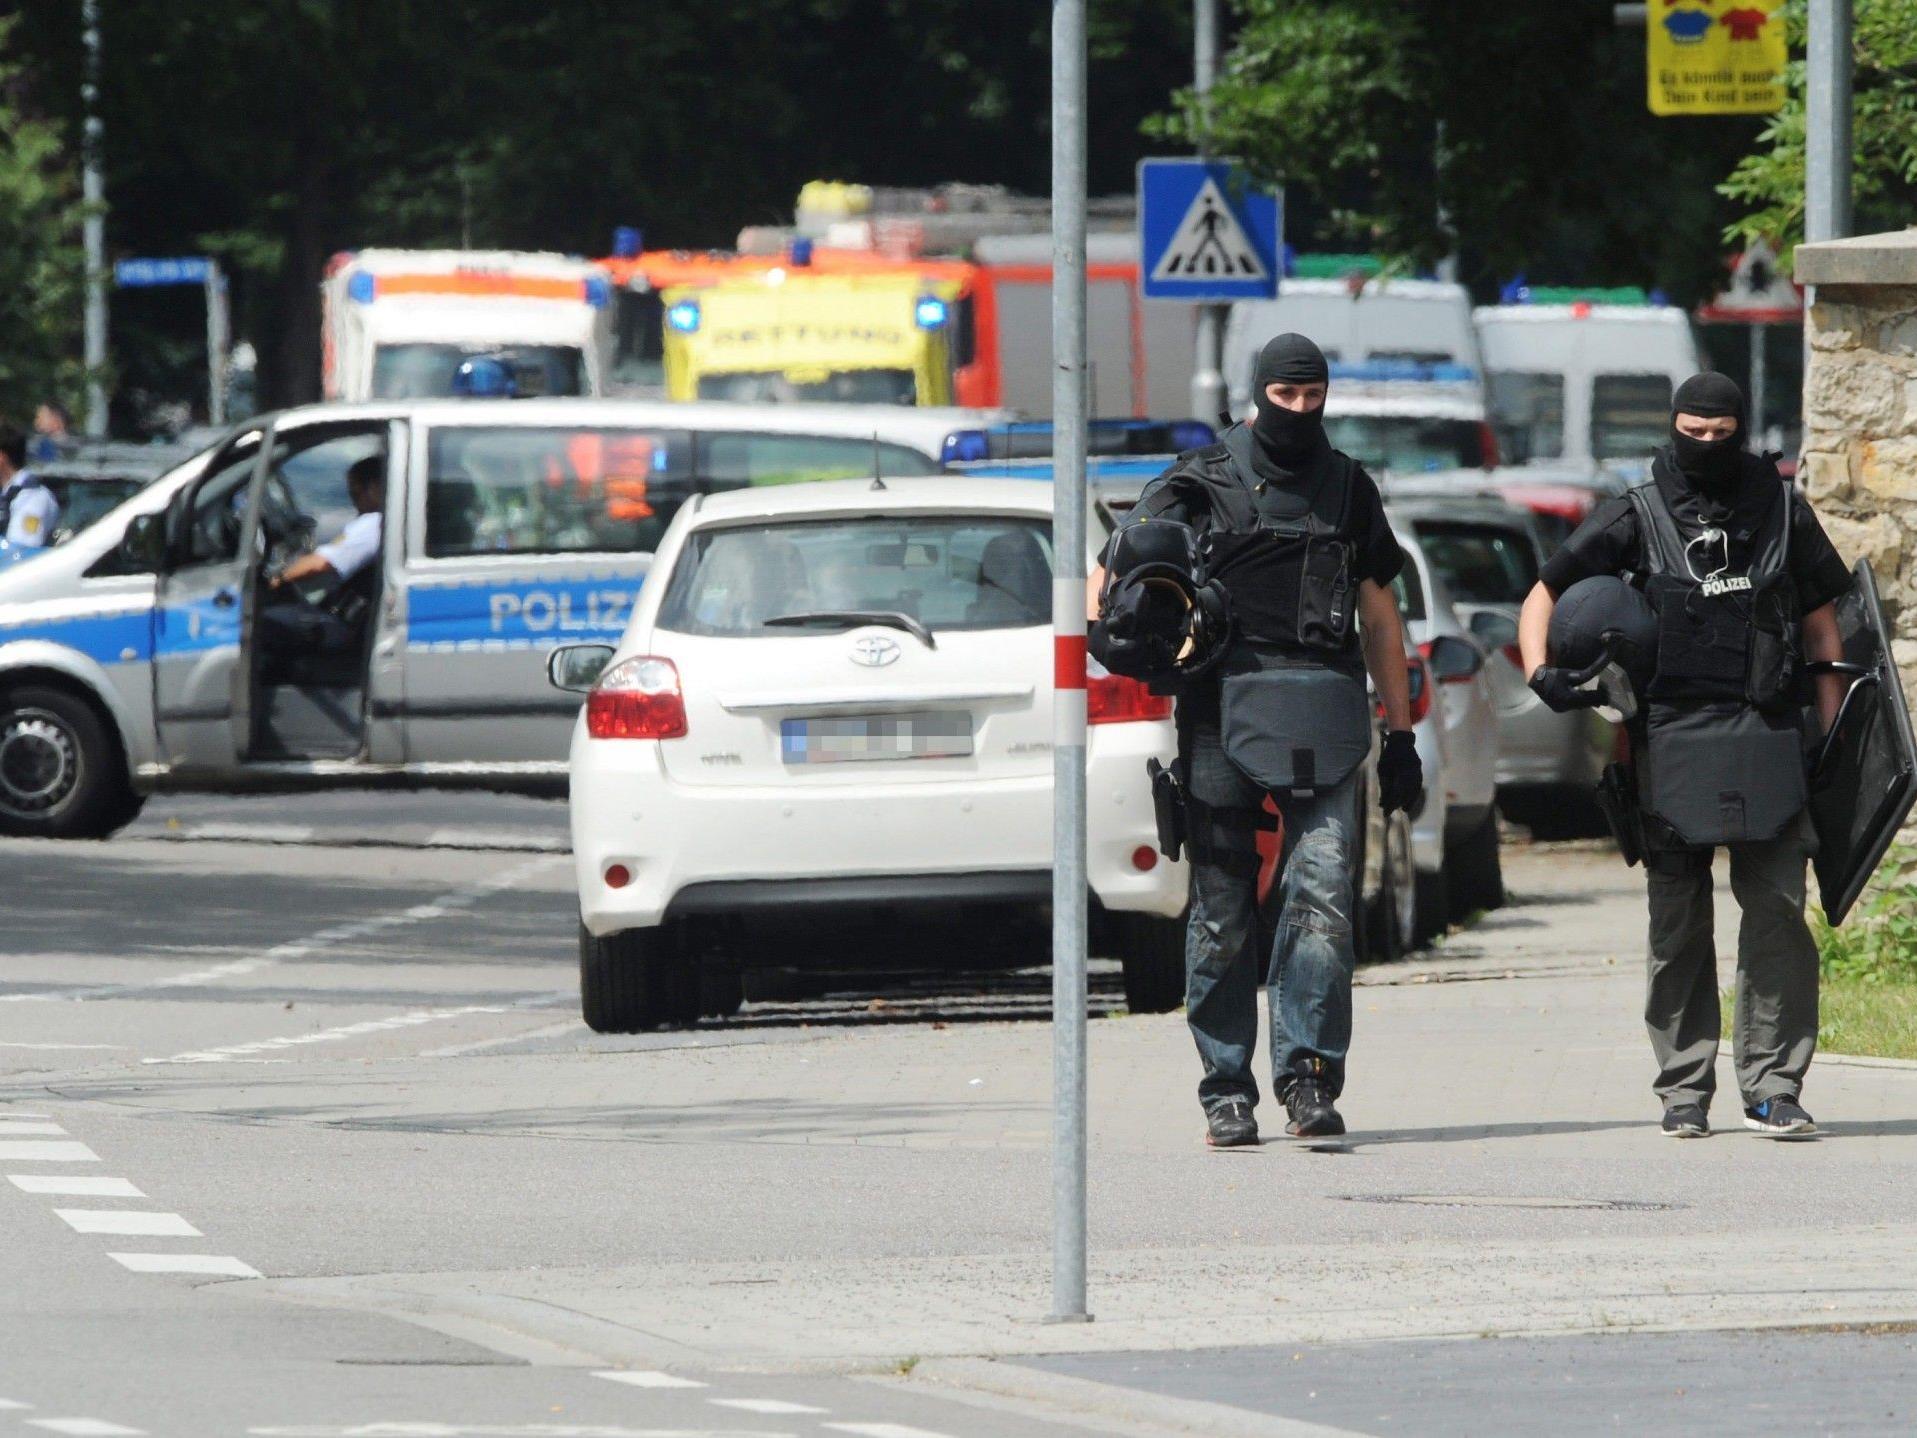 Polizeikräfte im Einsatz bei der Geiselnahme in Karlsruhe.